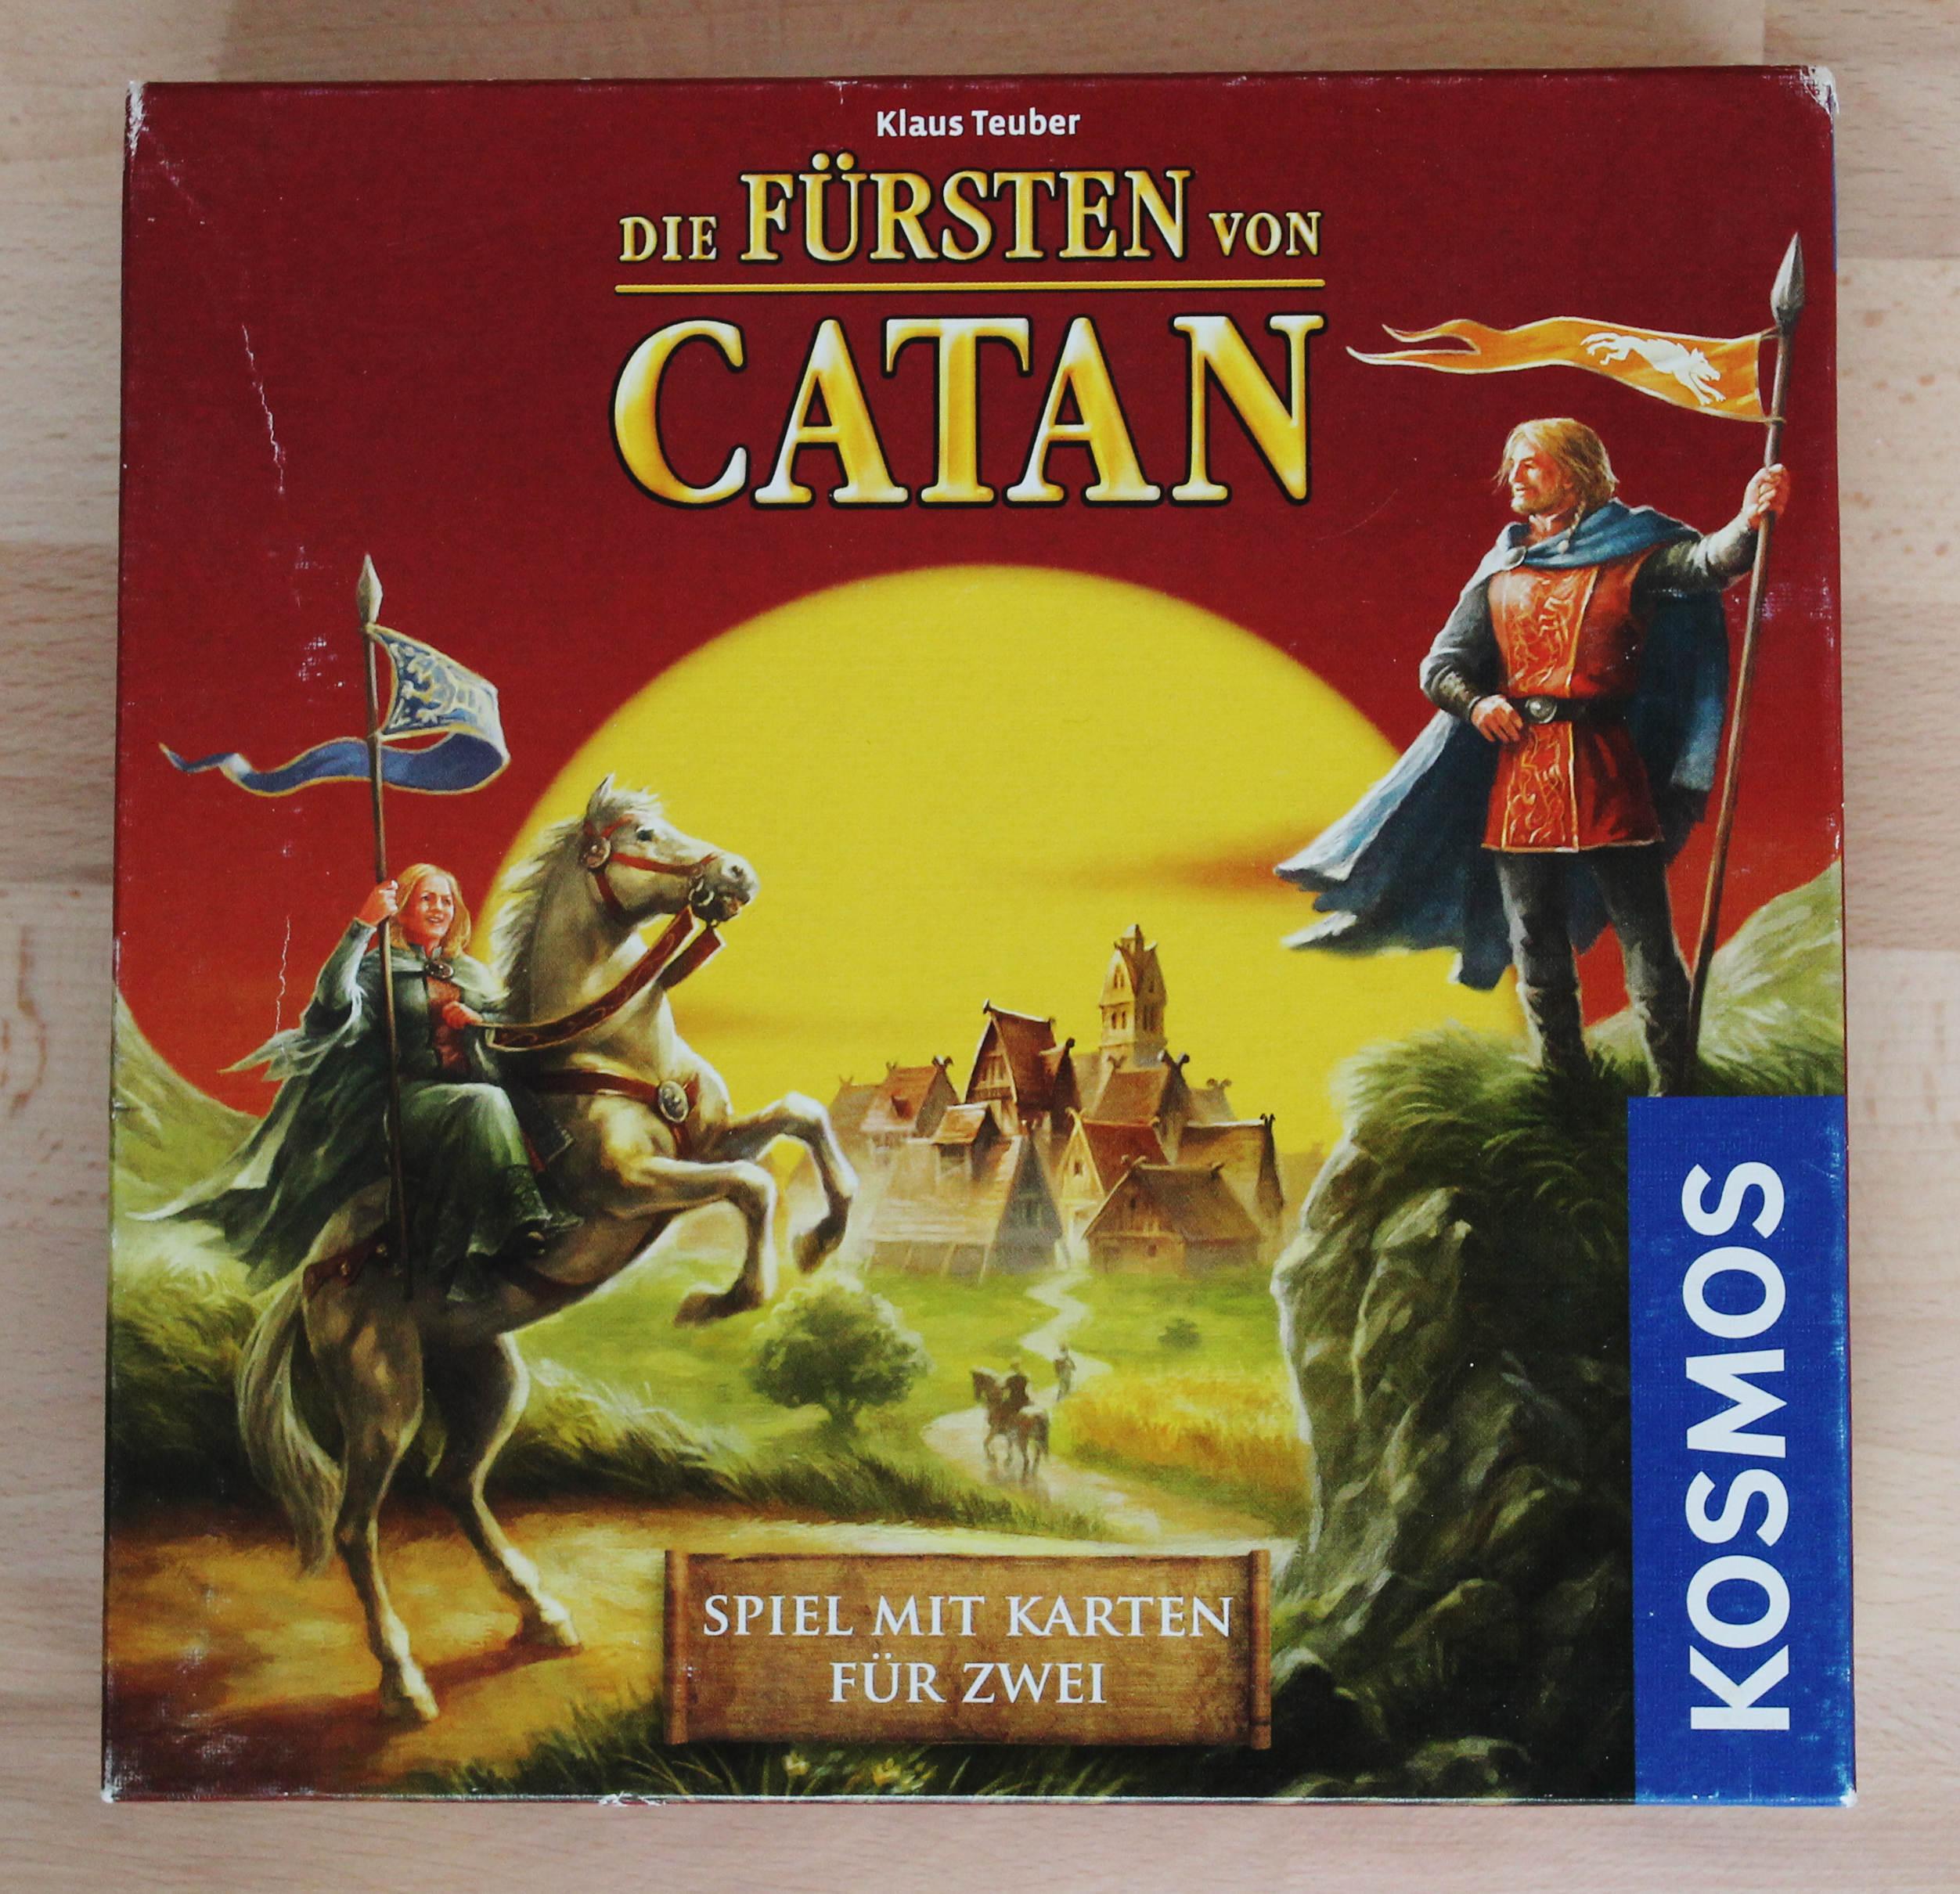 Abb.: Spielschachtel des Kartenspiels Die Fürsten von Catan (2010), einer veränderten Neuauflage des Kartenspiels von 1996. Quelle: Eigene Abb.